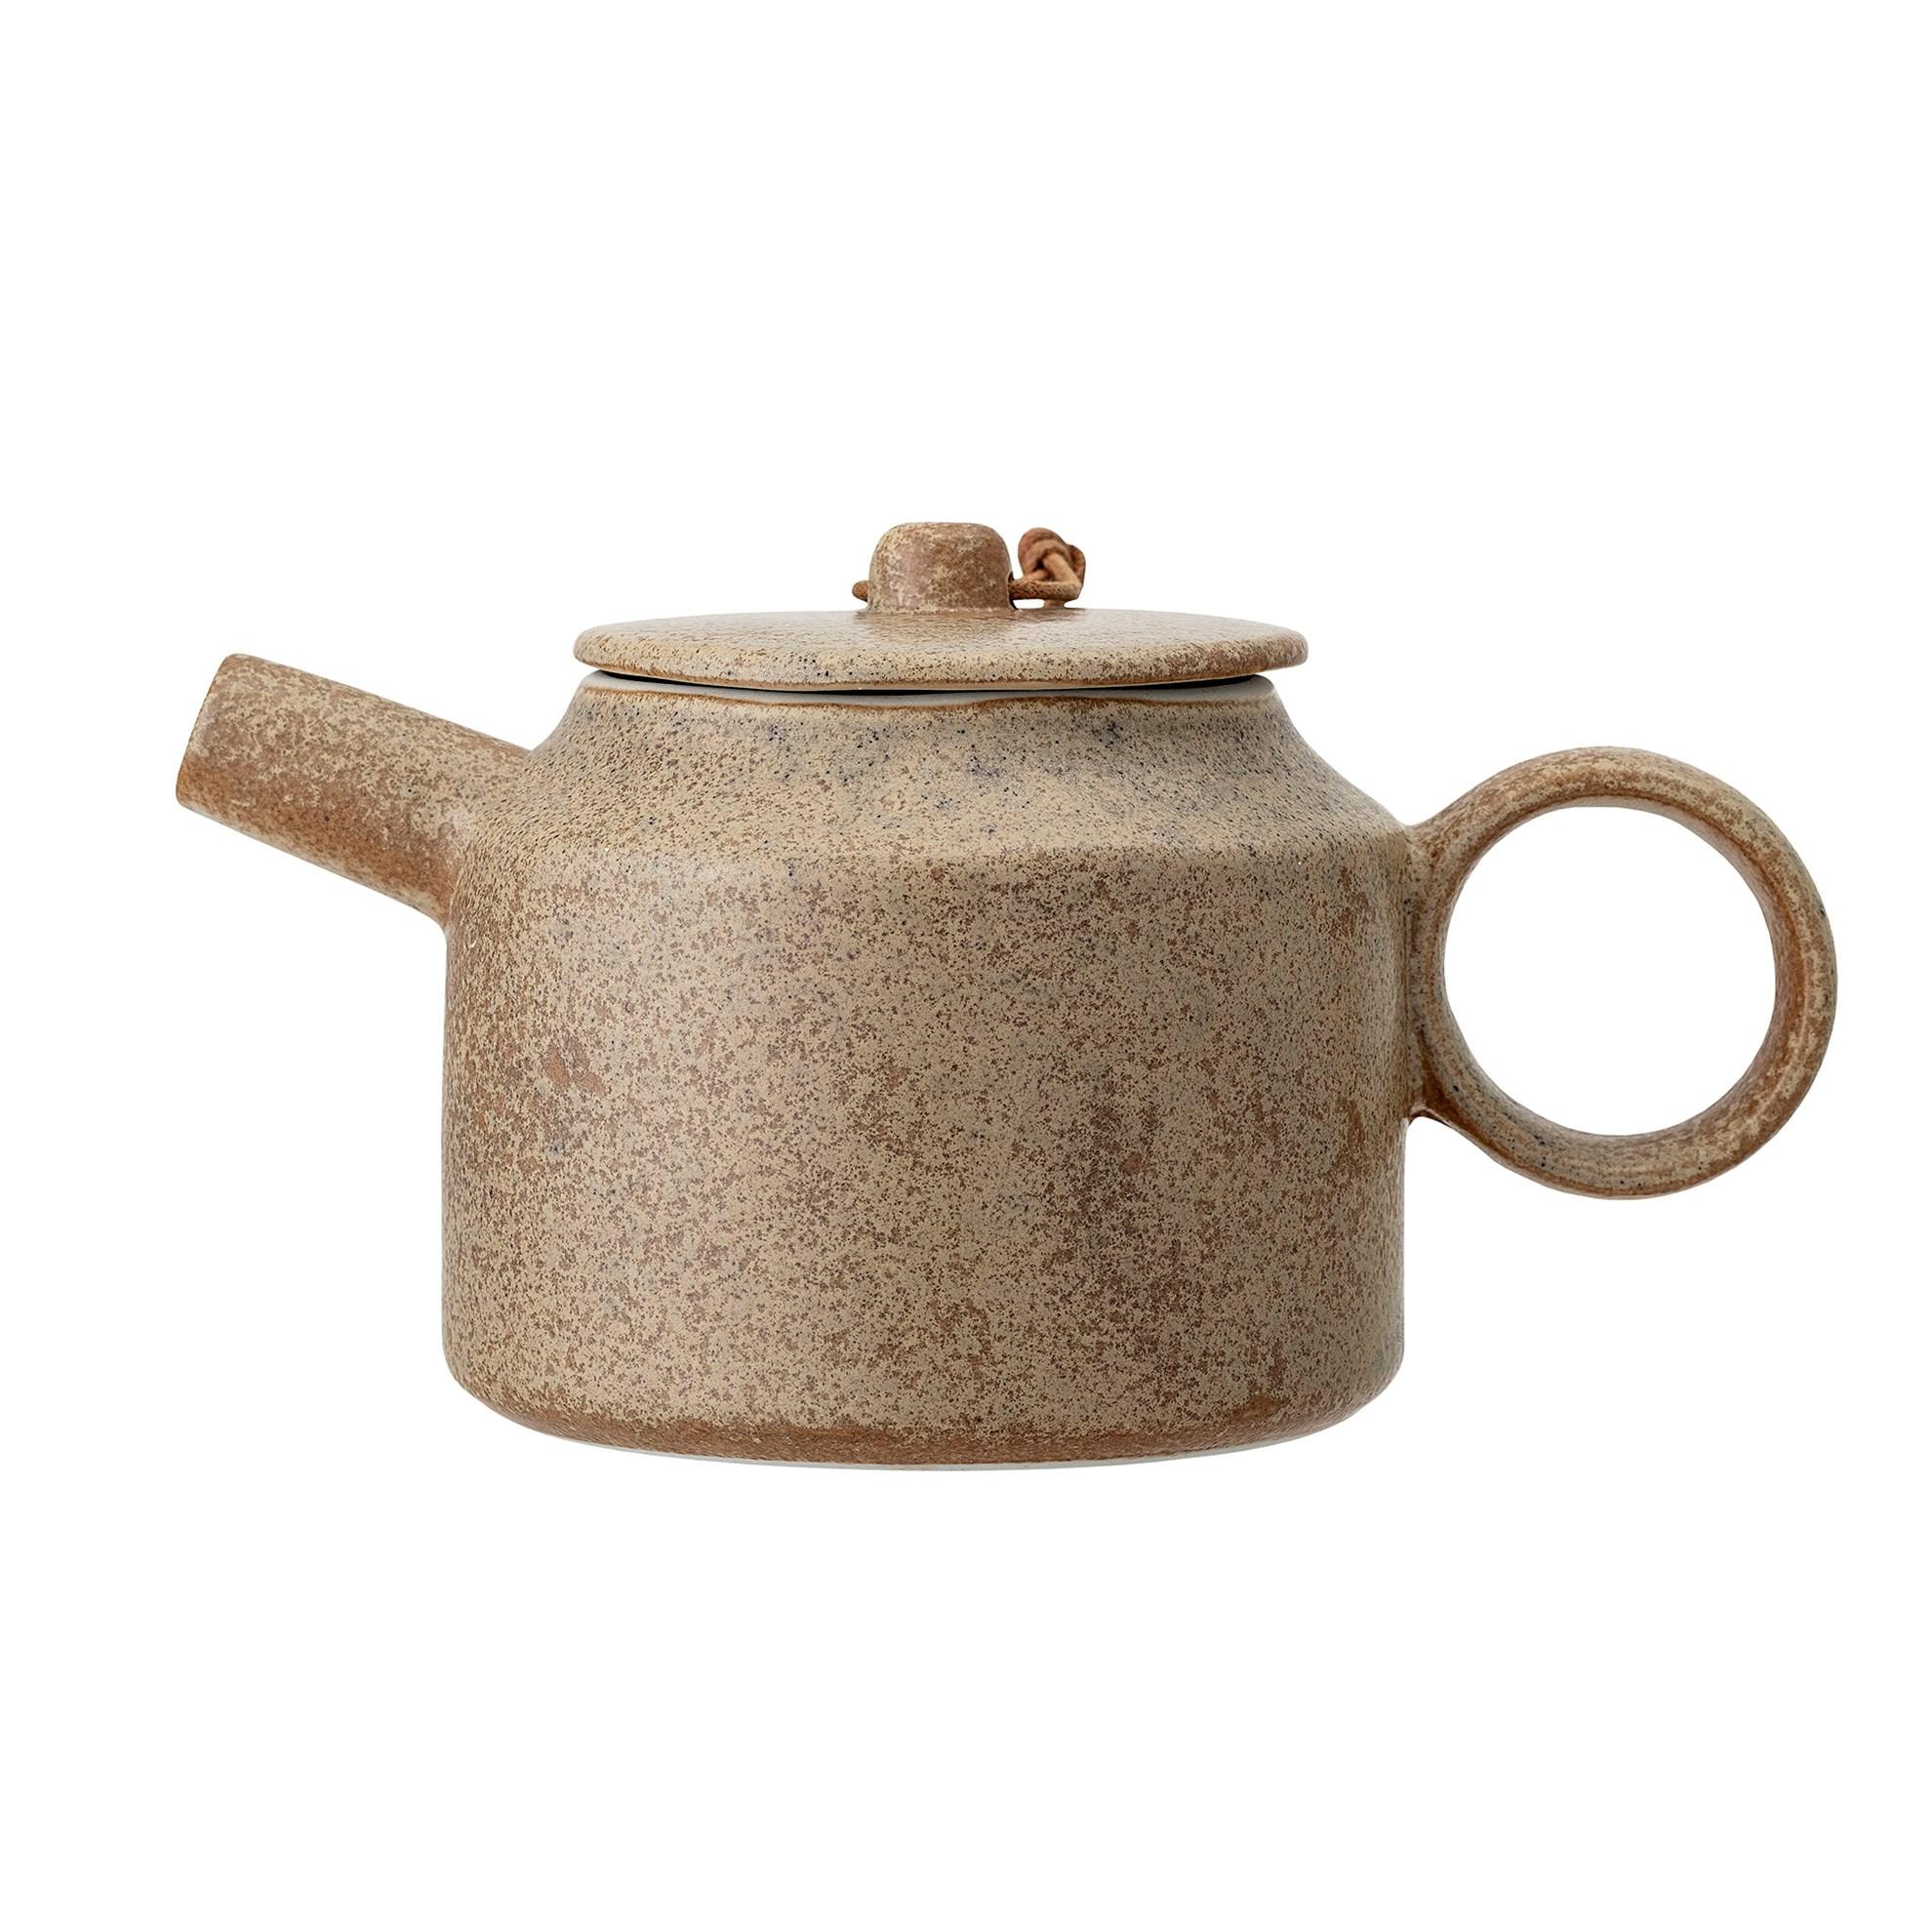 Konvice na čaj Thea z kameniny 550 ml_5